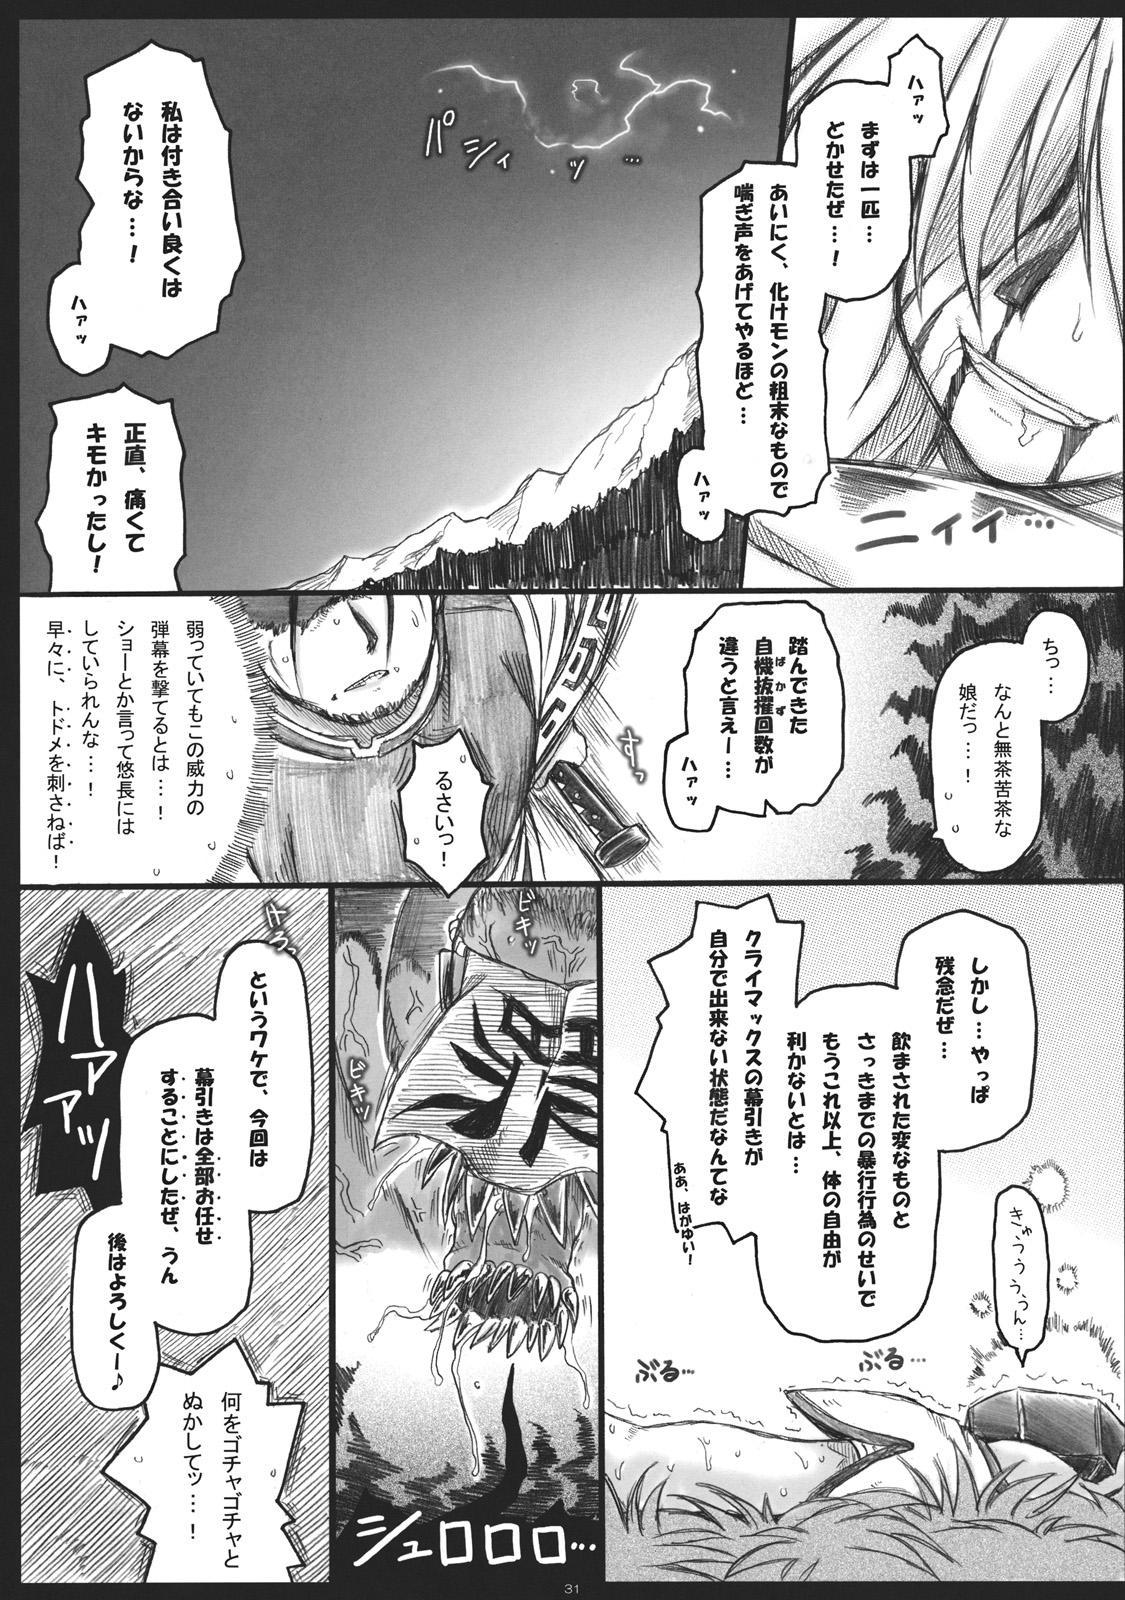 Orenu Hoshi - Hiun no Yume, Musubi 30